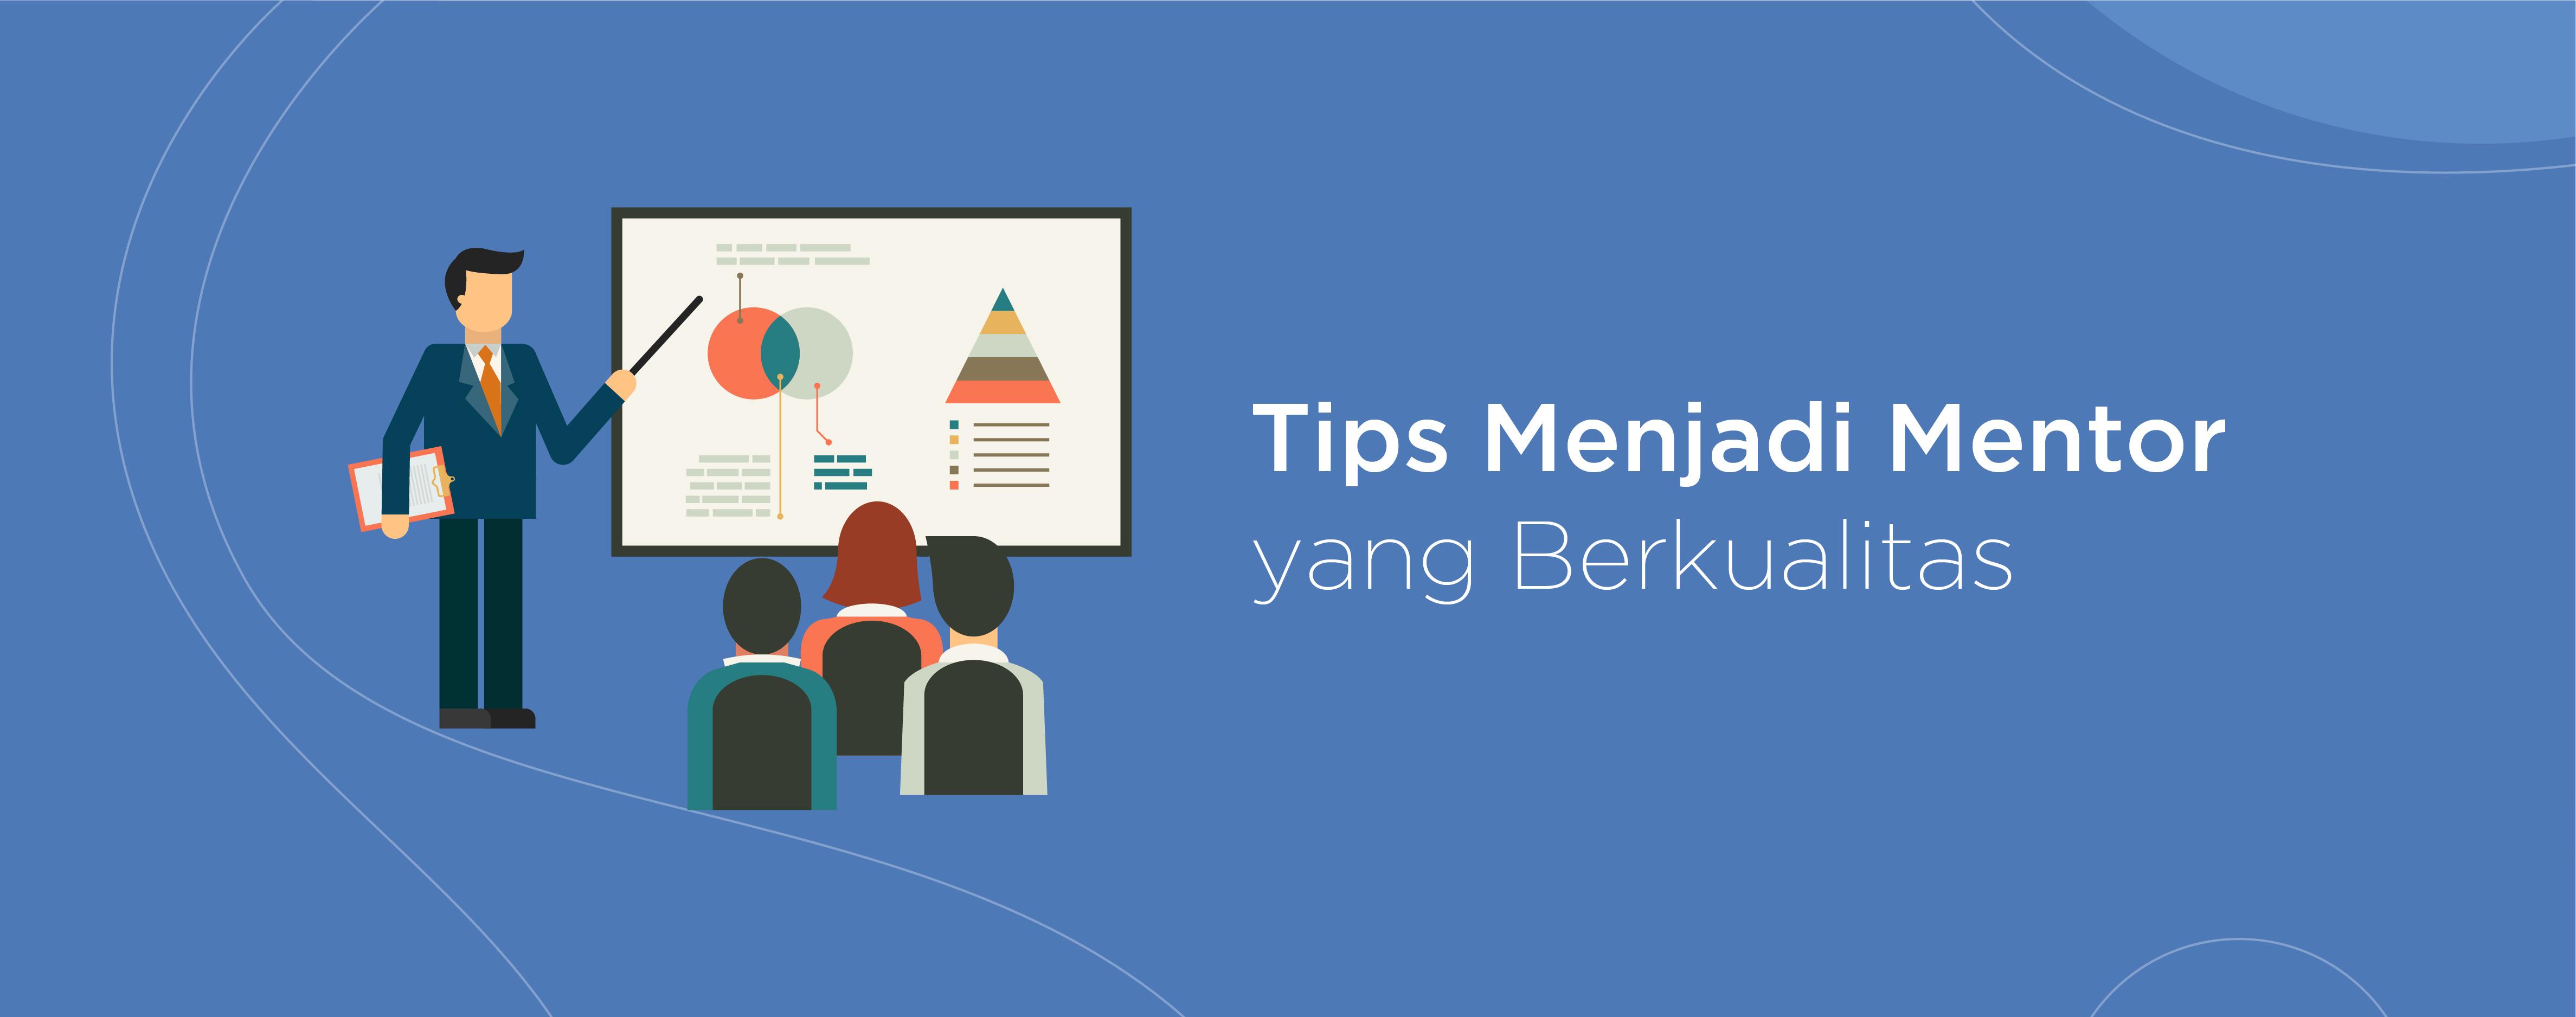 https://www.jaringanprima.co.id/id/tips-menjadi-mentor-yang-berkualitas